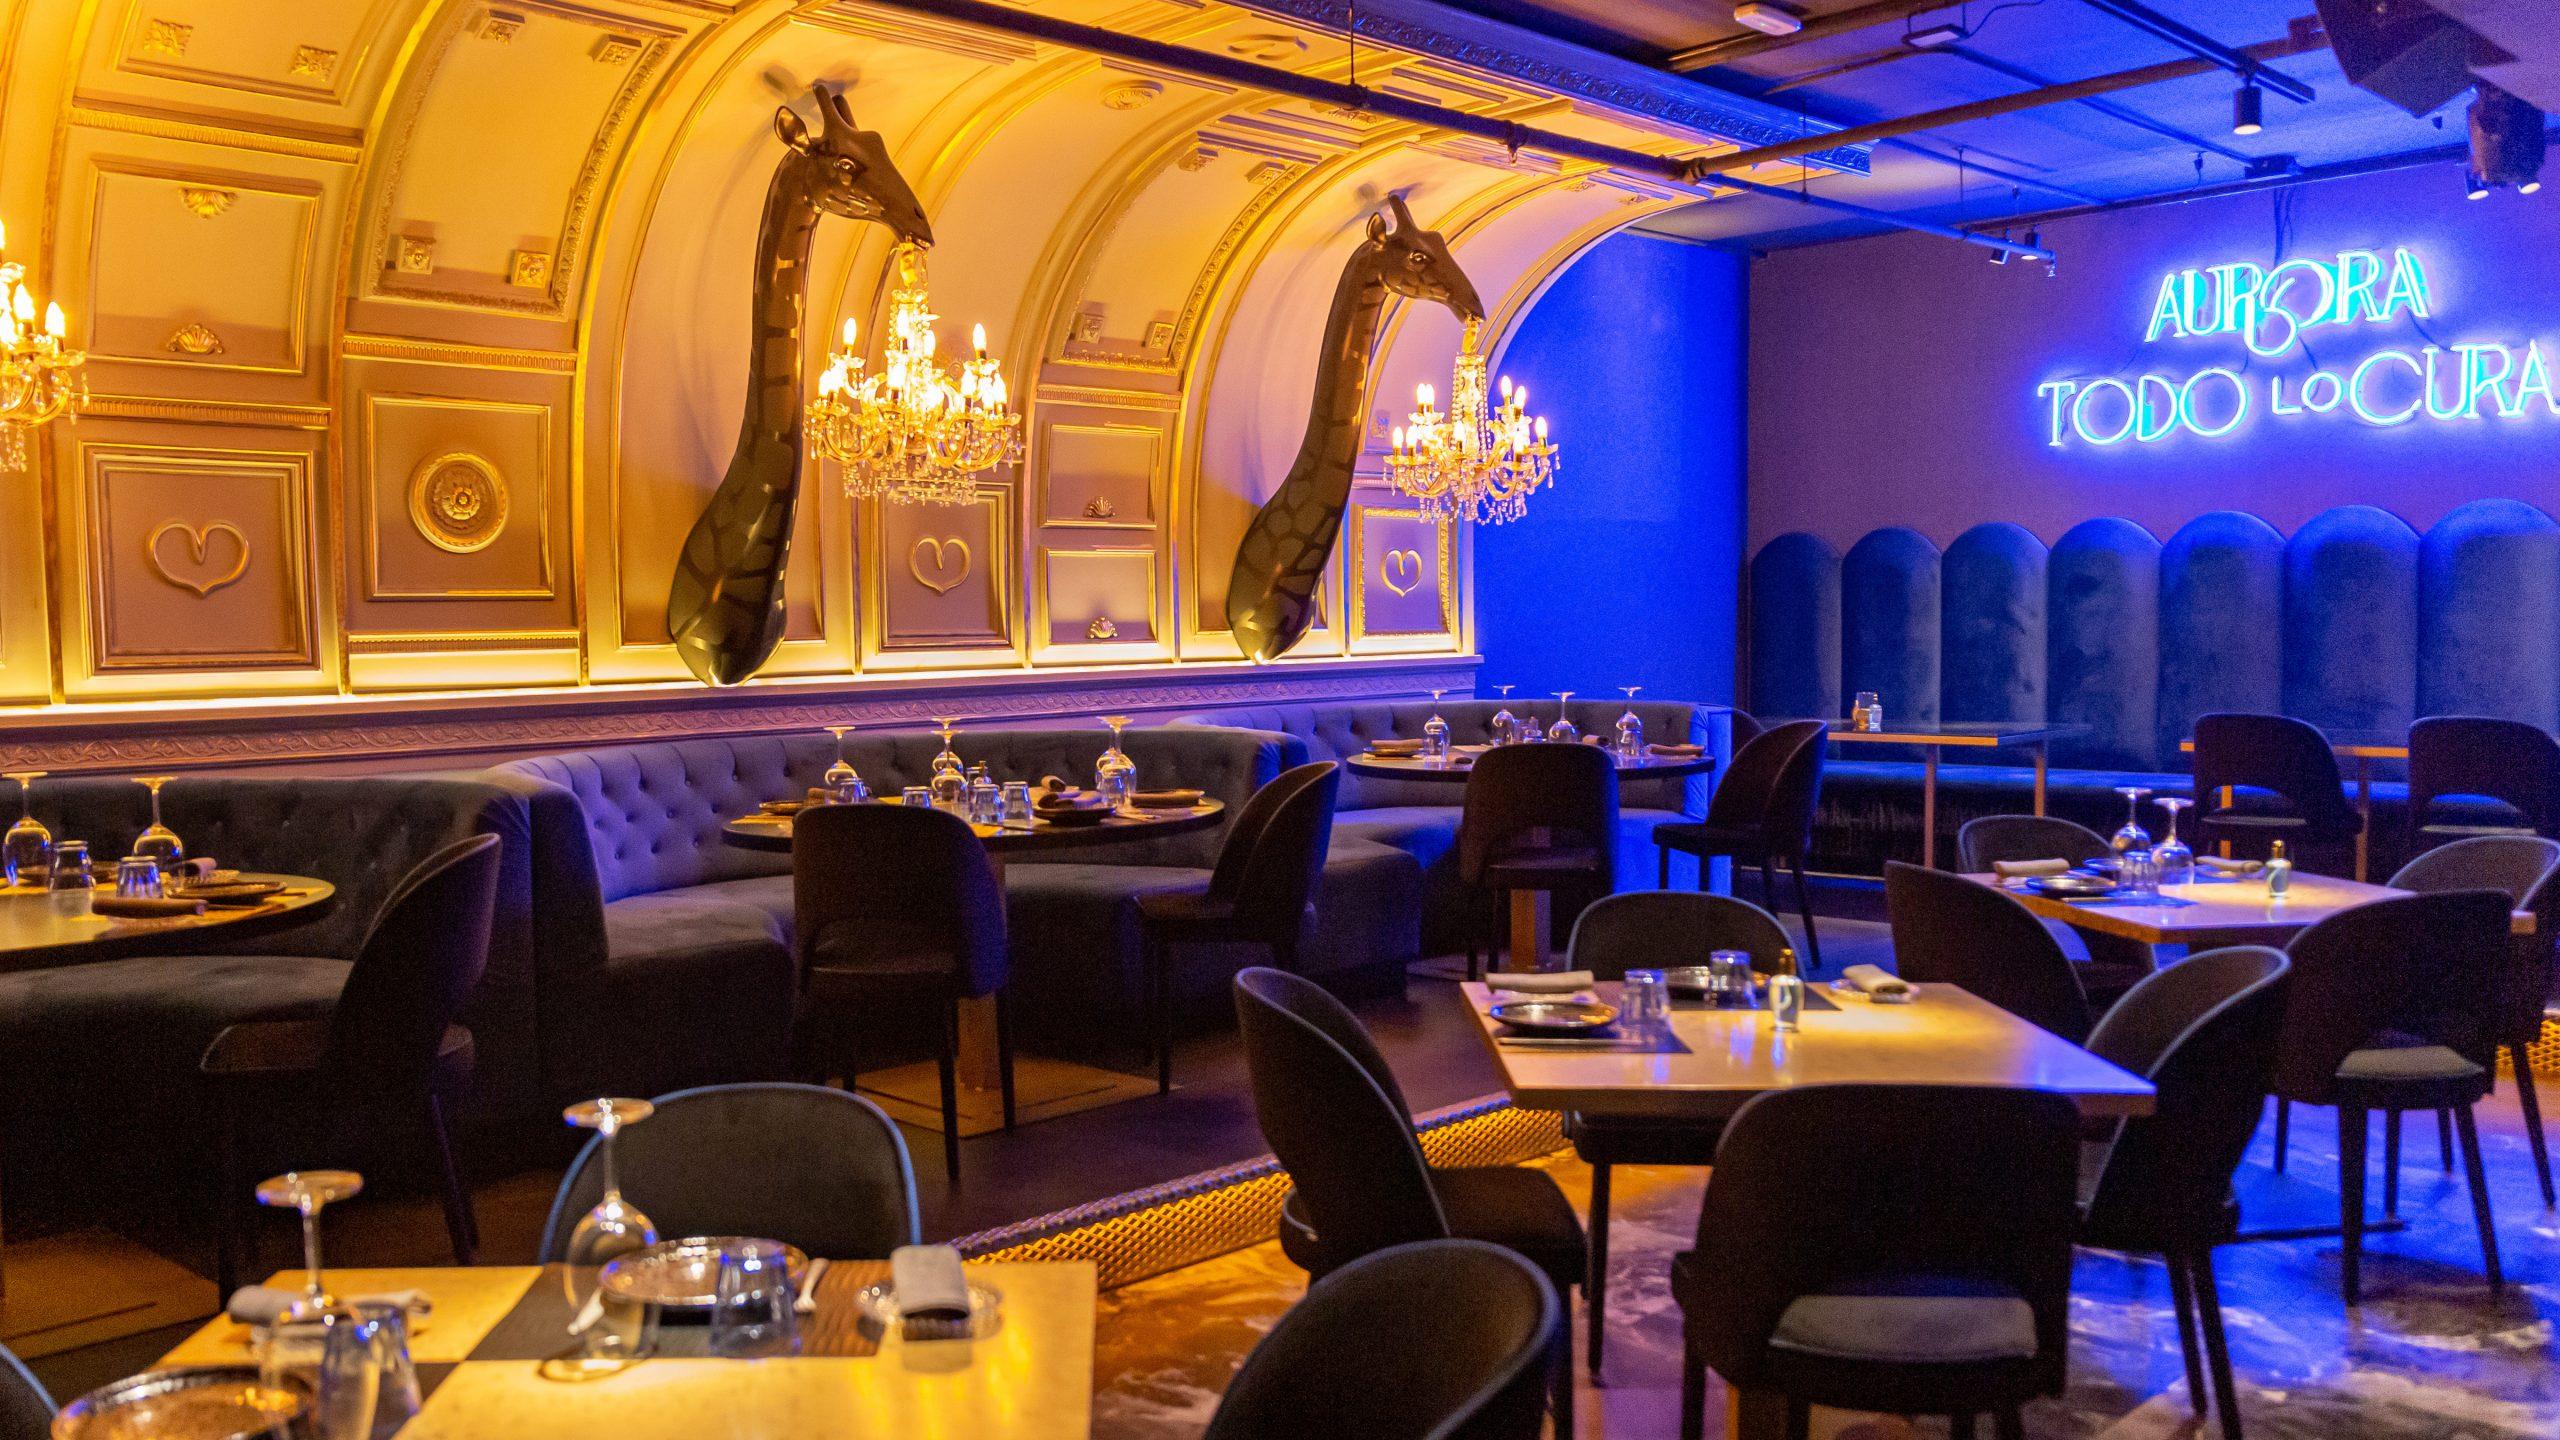 Interior del restaurante / Foto: Aurora Madrid